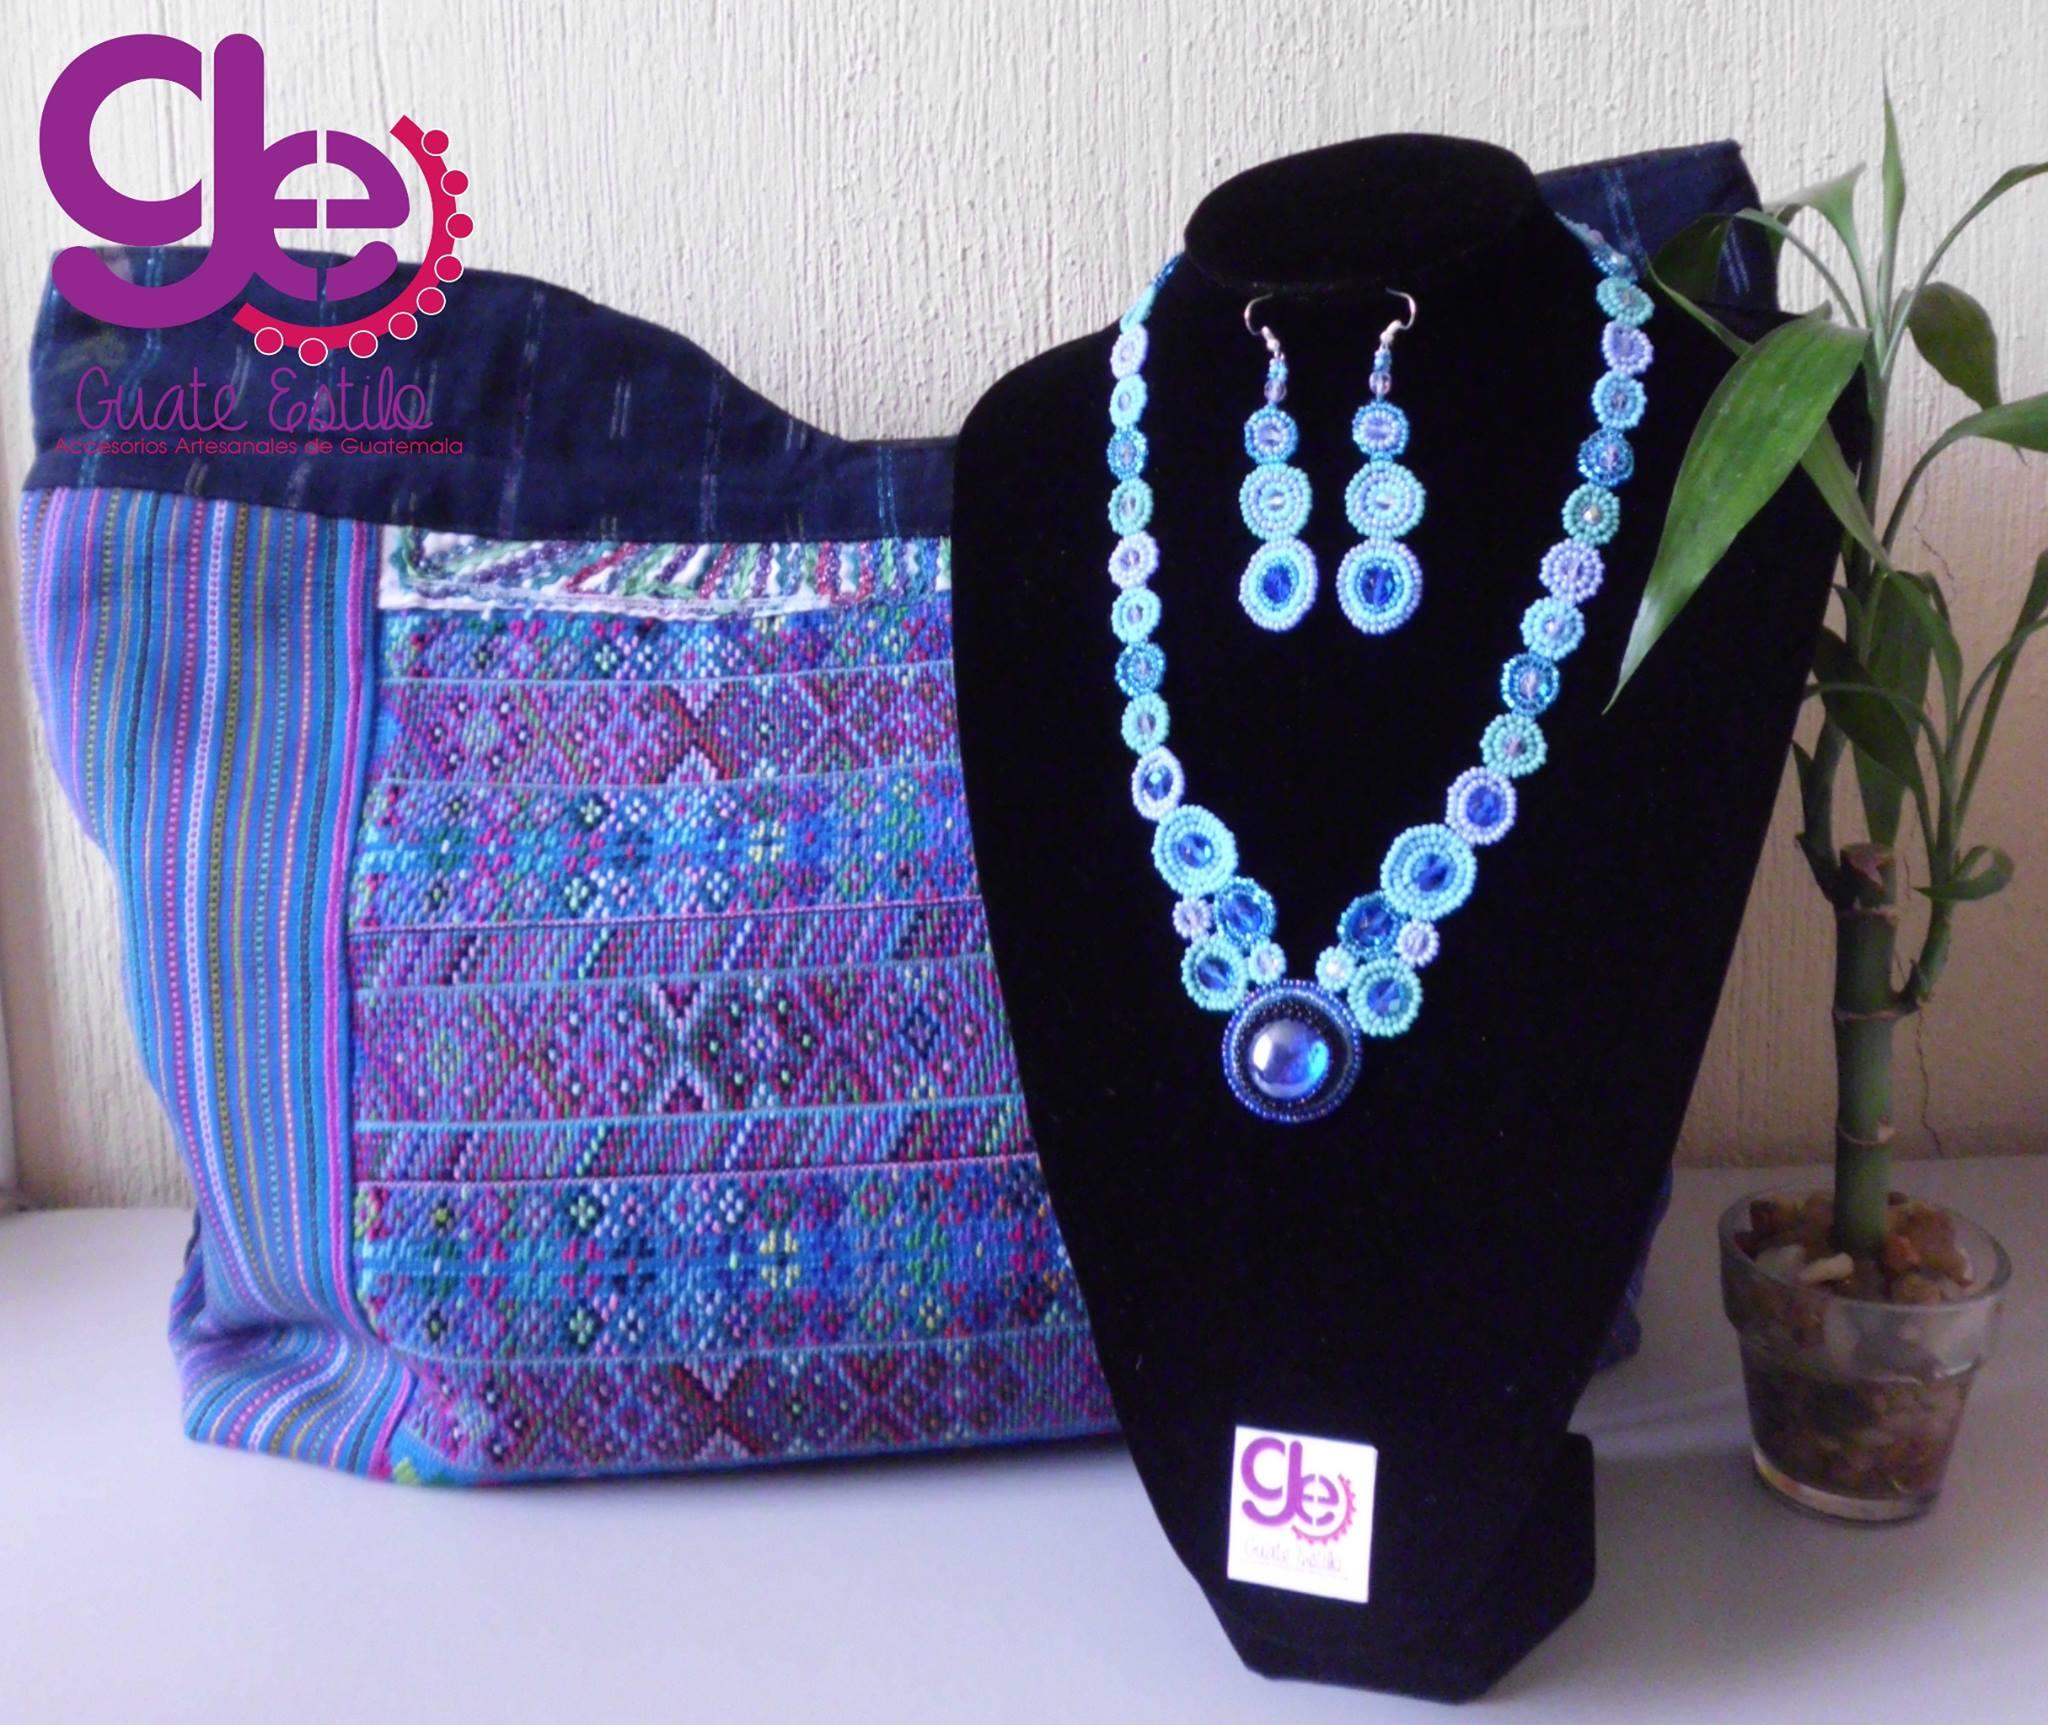 203cdeabf780 Productos de Guate Estilo